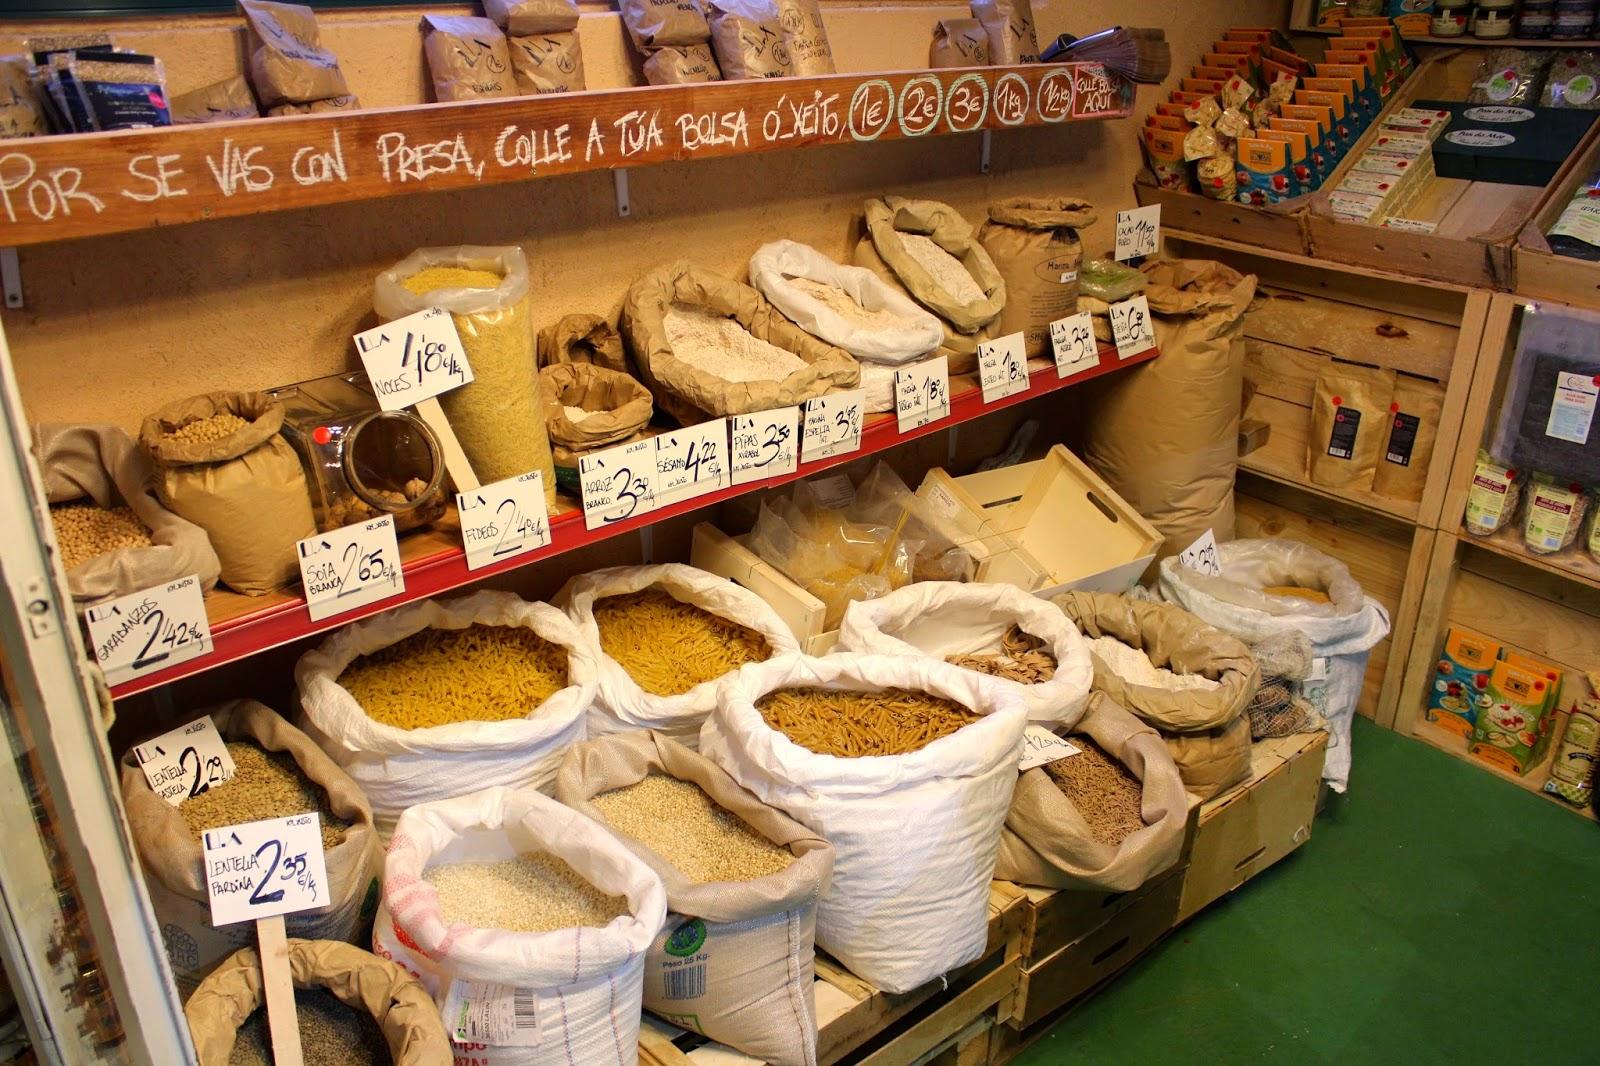 La buena pitanza ultra alimento tienda gourmet de lal n for Muebles usados pontevedra